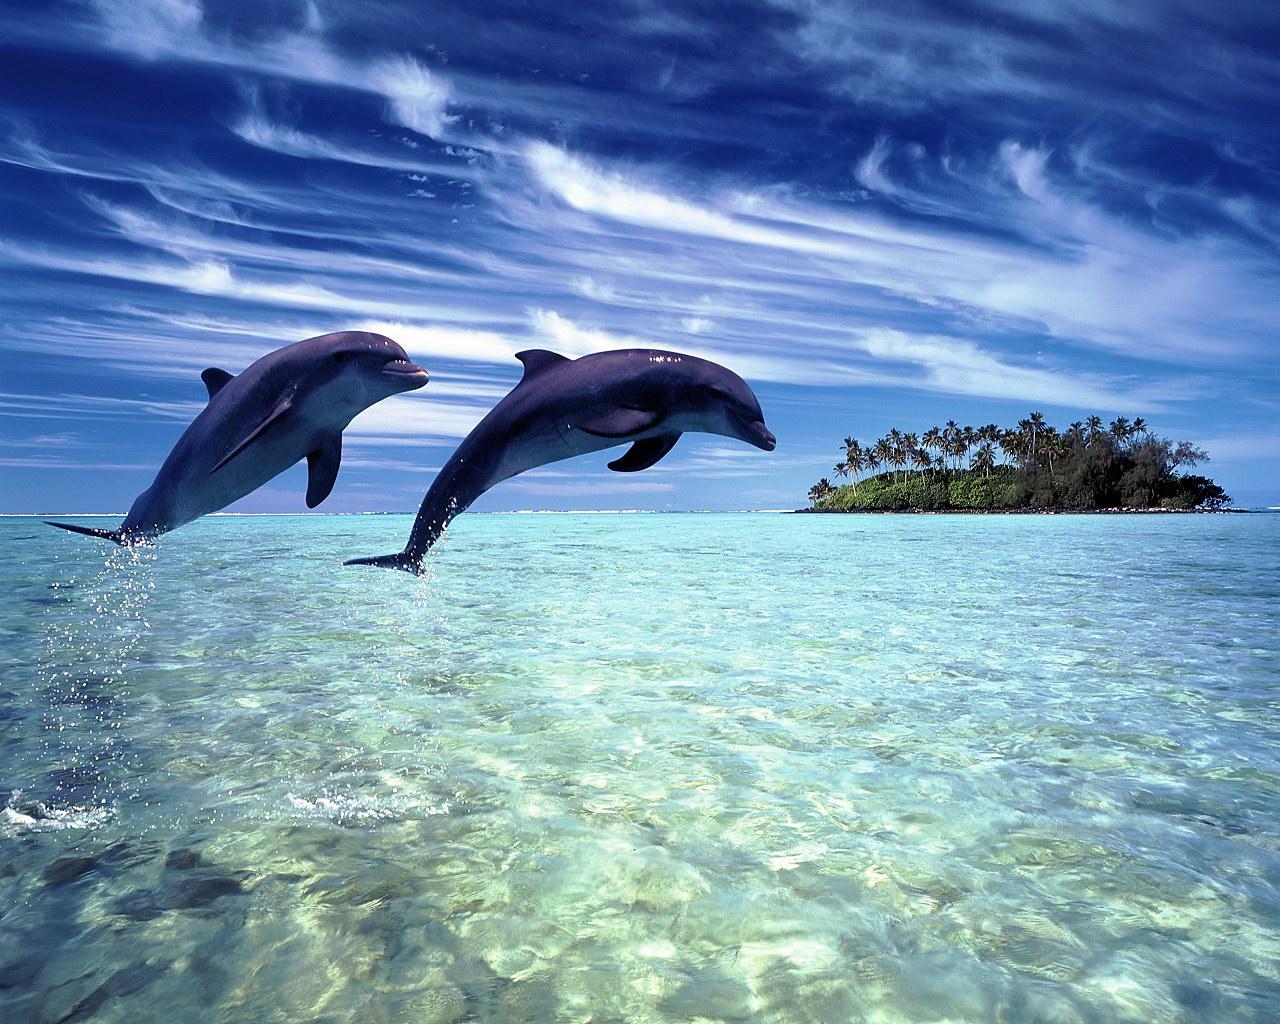 Дельфины 1280 x 1024